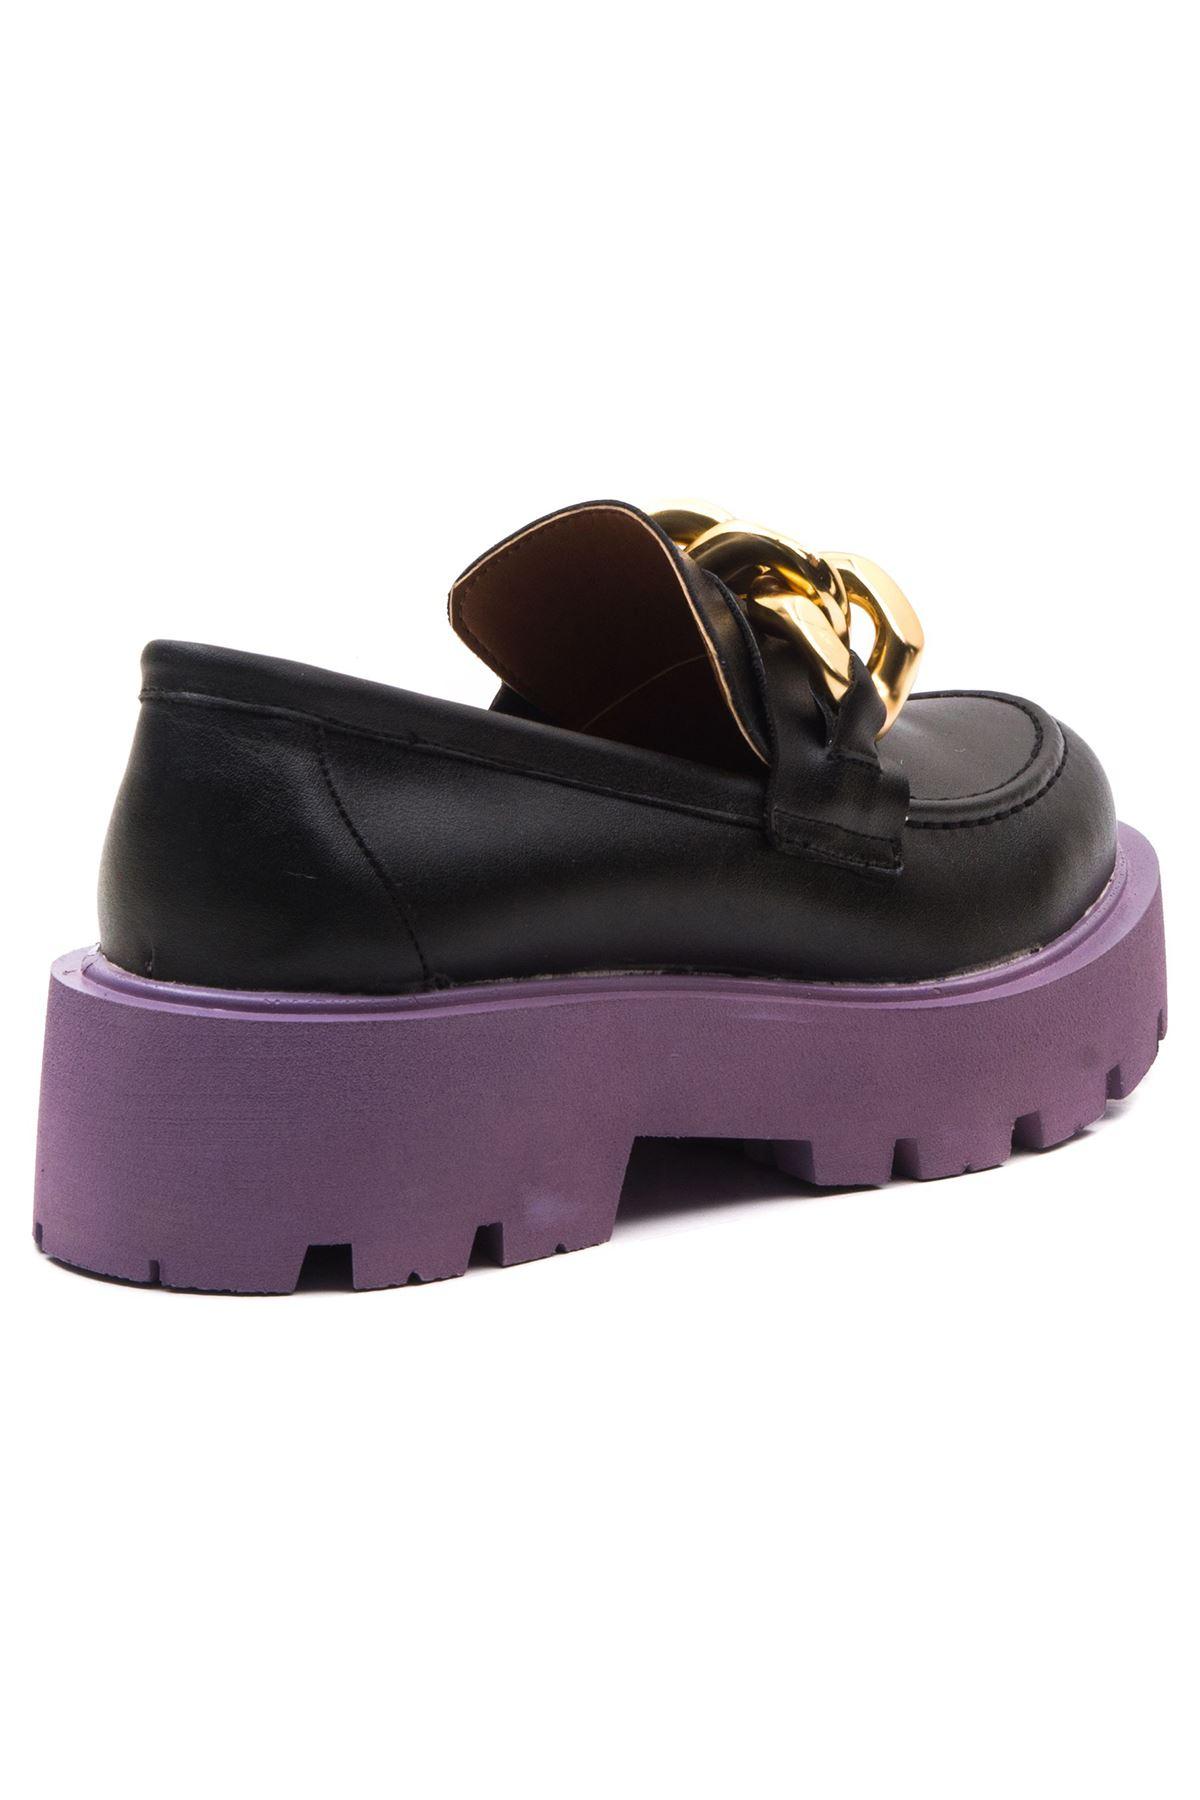 Ezra Kadın Ayakkabı Siyah Lila Taban